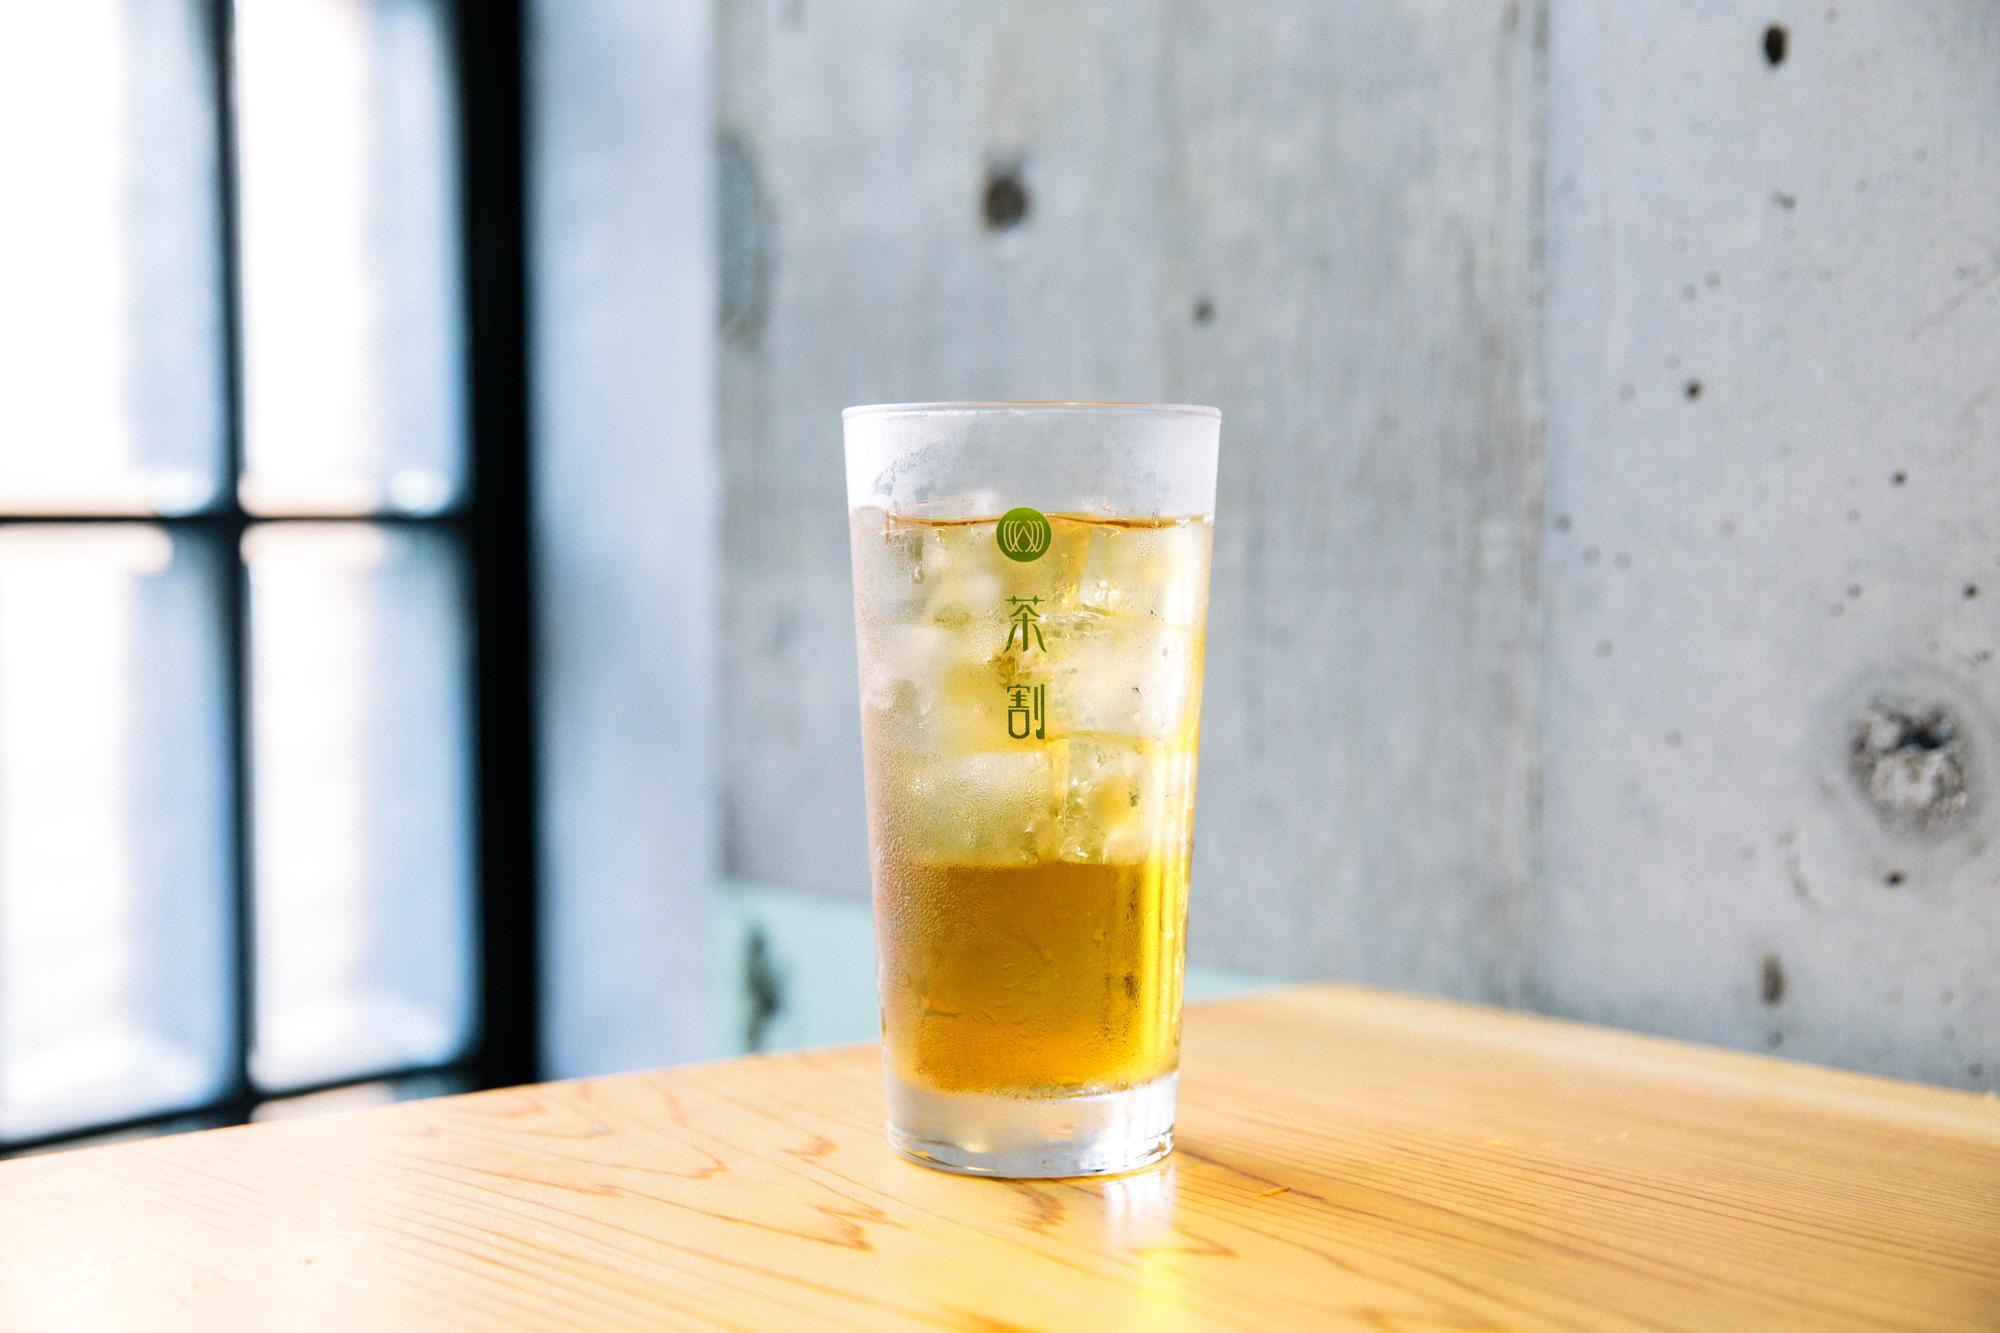 お茶割り専門店のオーナーに聞いた「おいしい緑茶ハイの作り方」を実践したらめちゃくちゃおいしかった